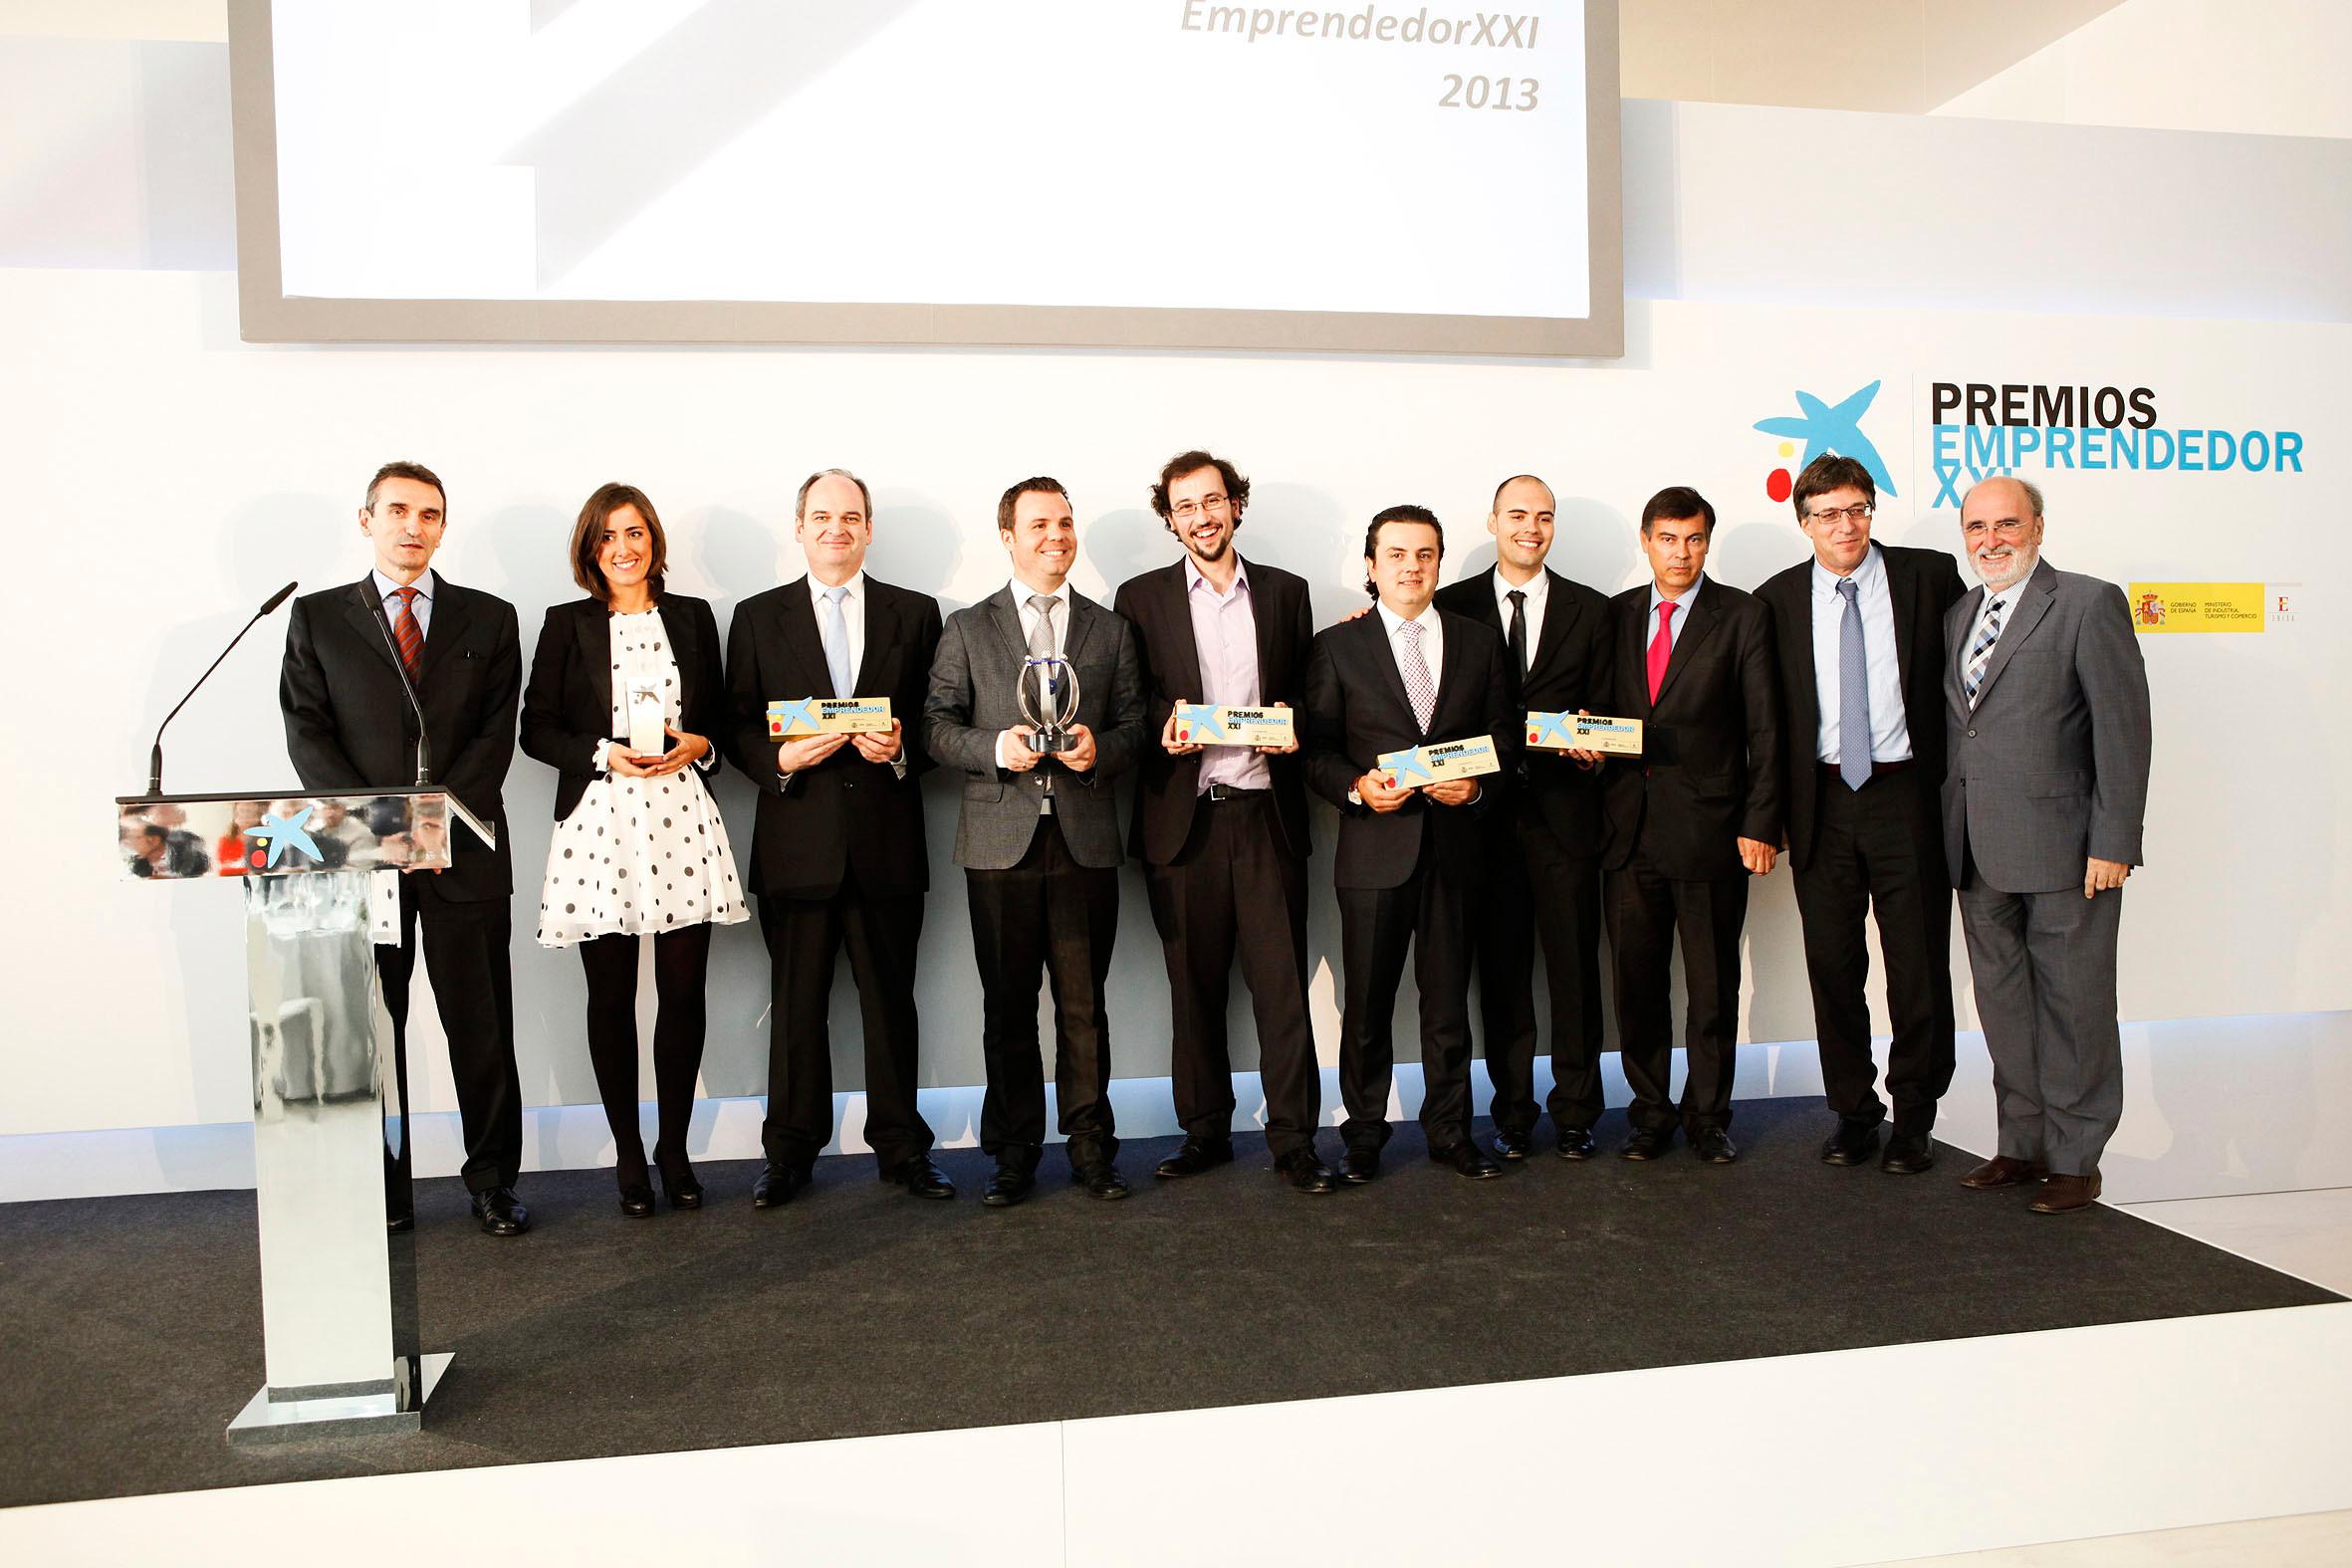 Ganadores de los Premios EmprendedorXXI 2013